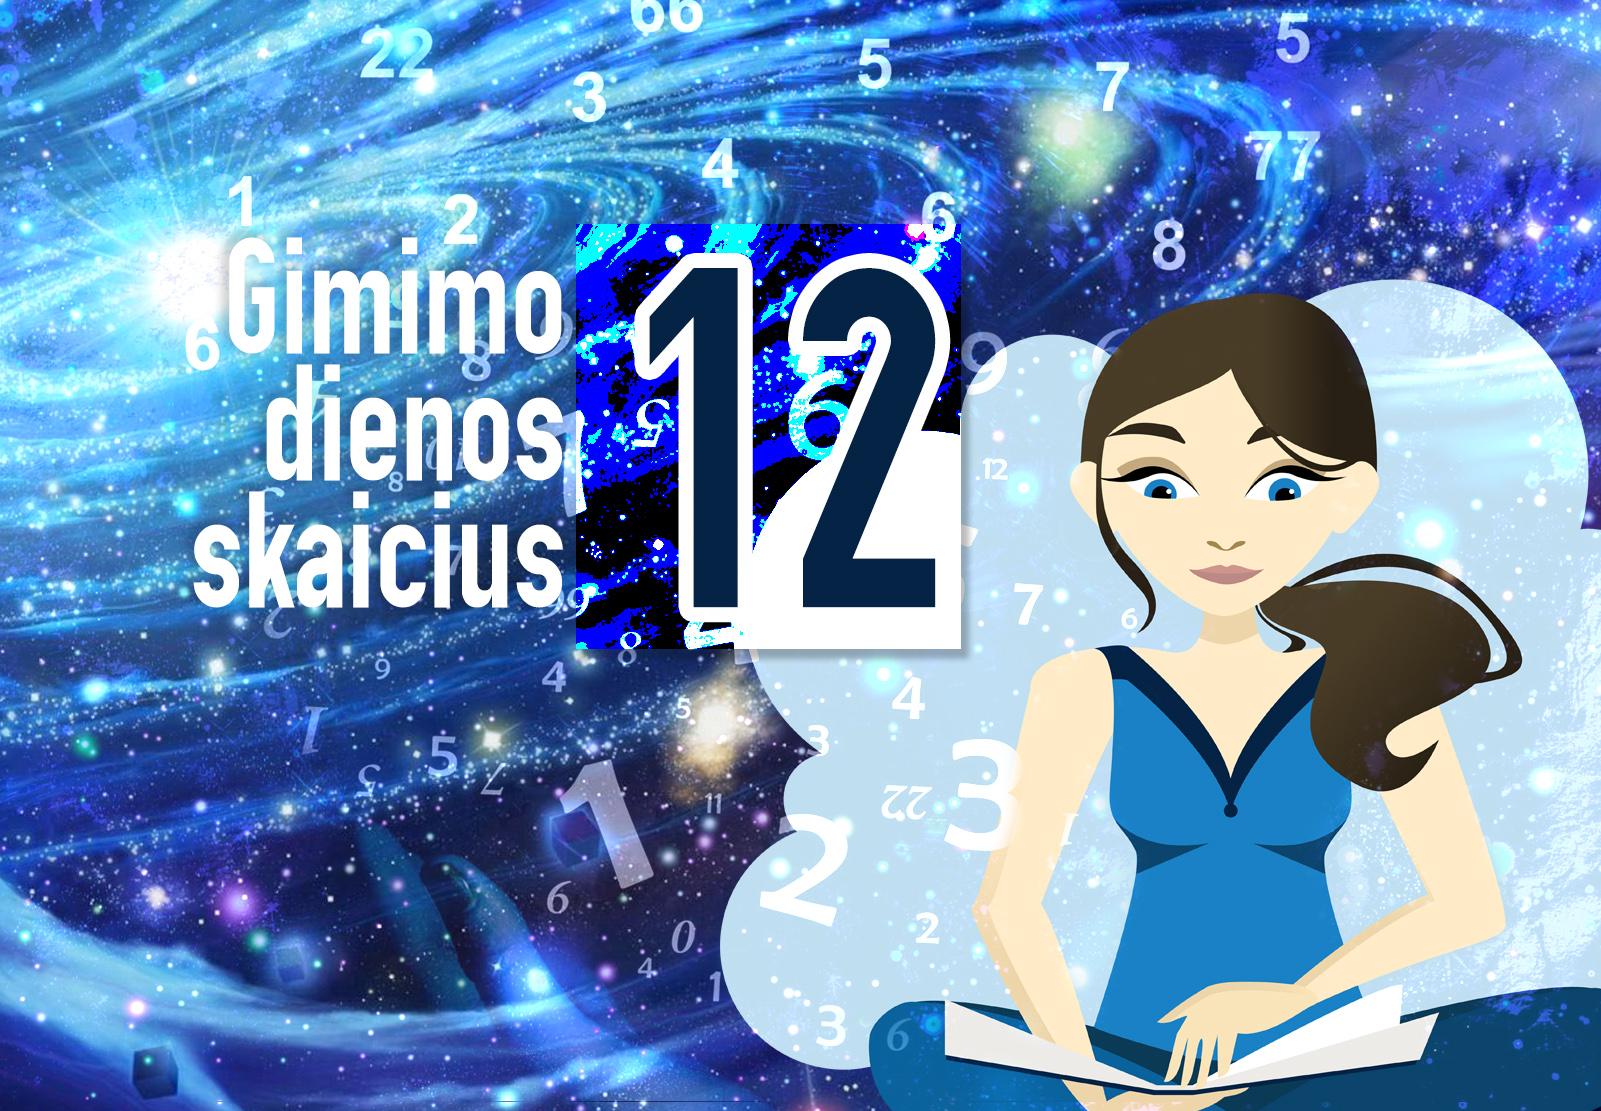 gimimo dienos skaičius 12